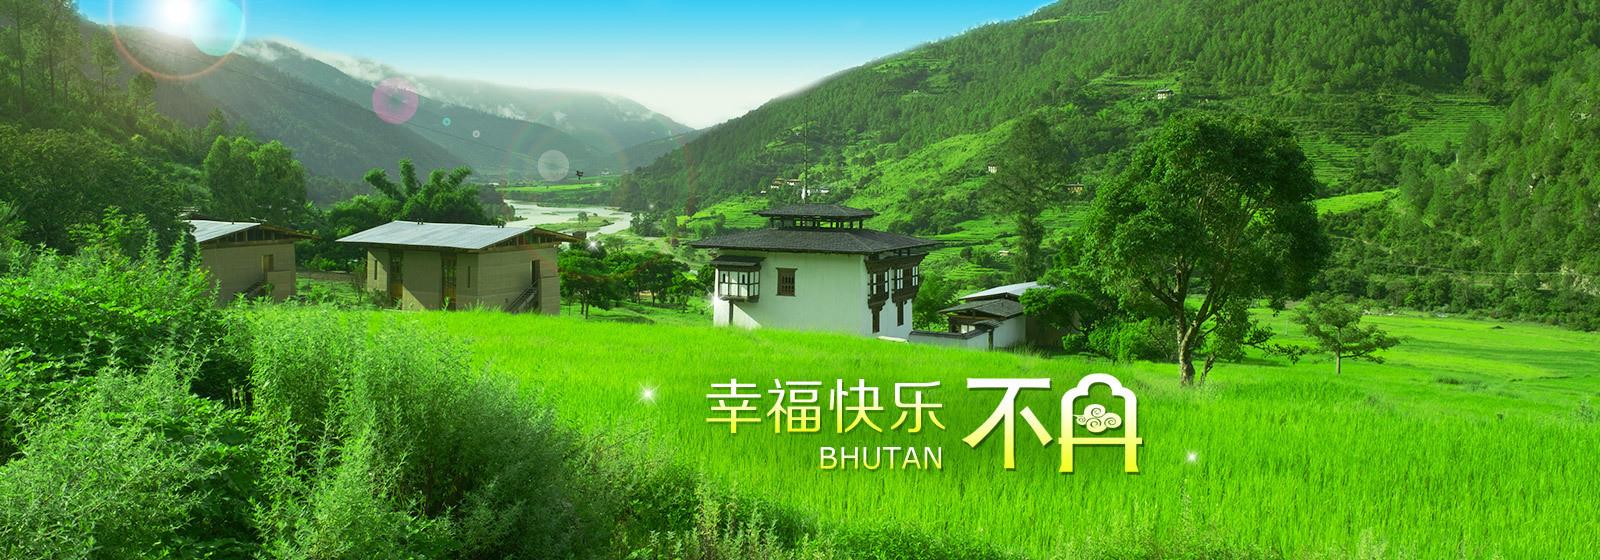 幸福快乐不丹